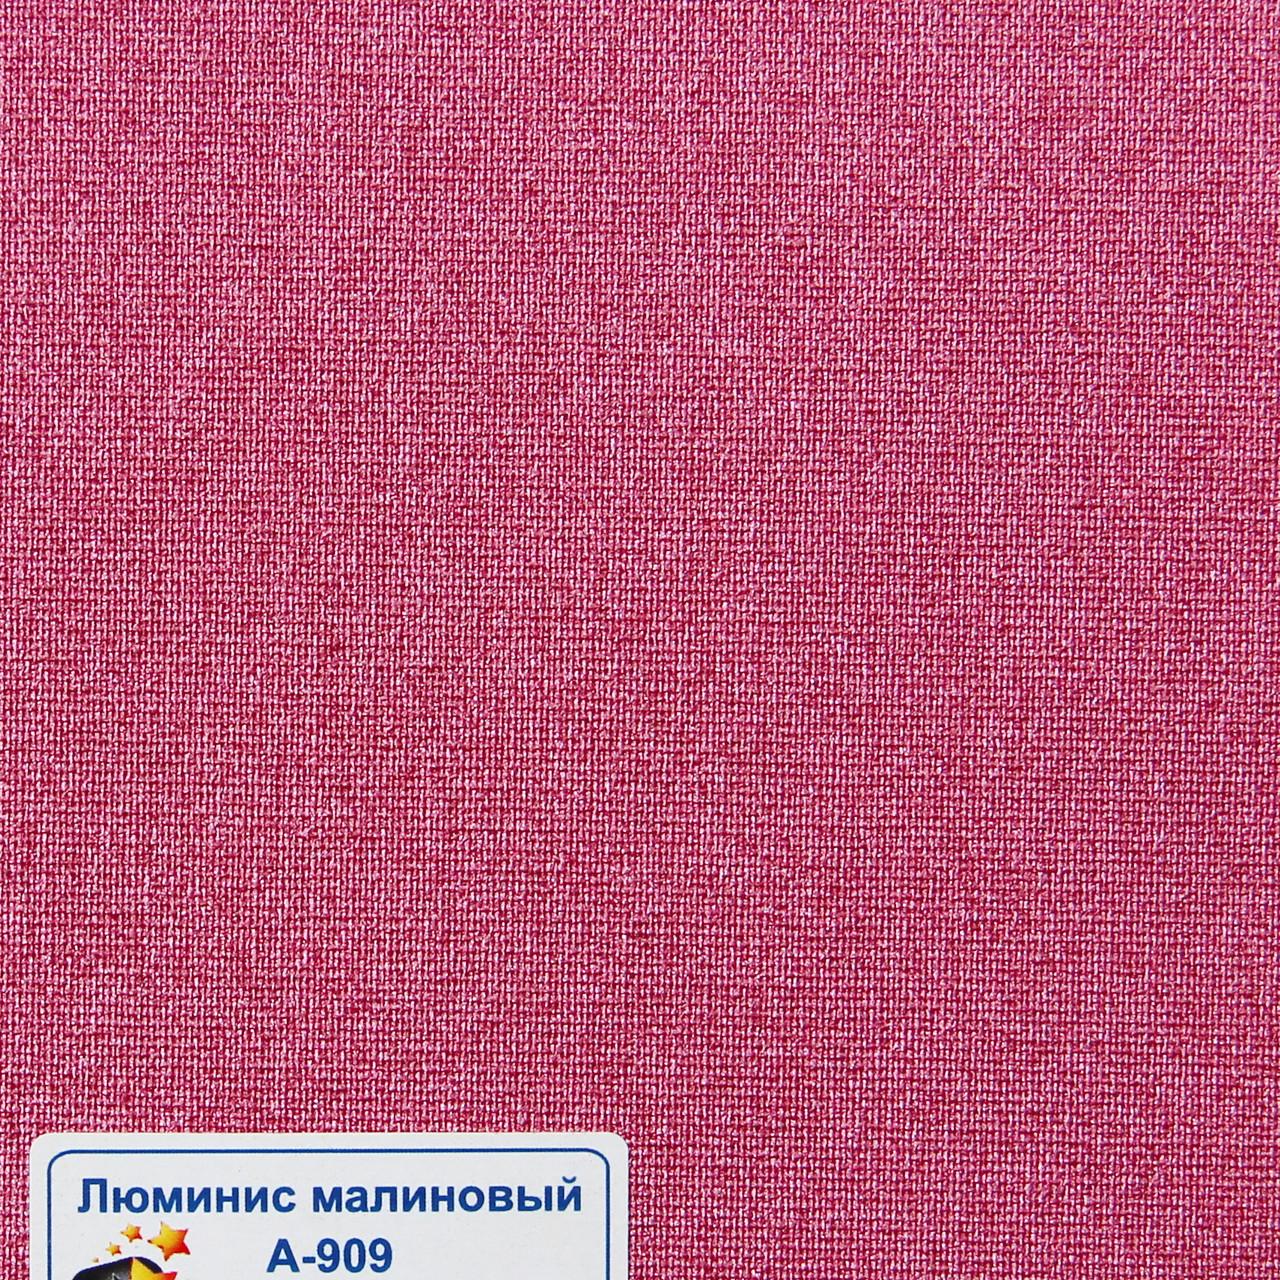 Рулонные шторы Одесса Ткань Люминис Малиновый А-909